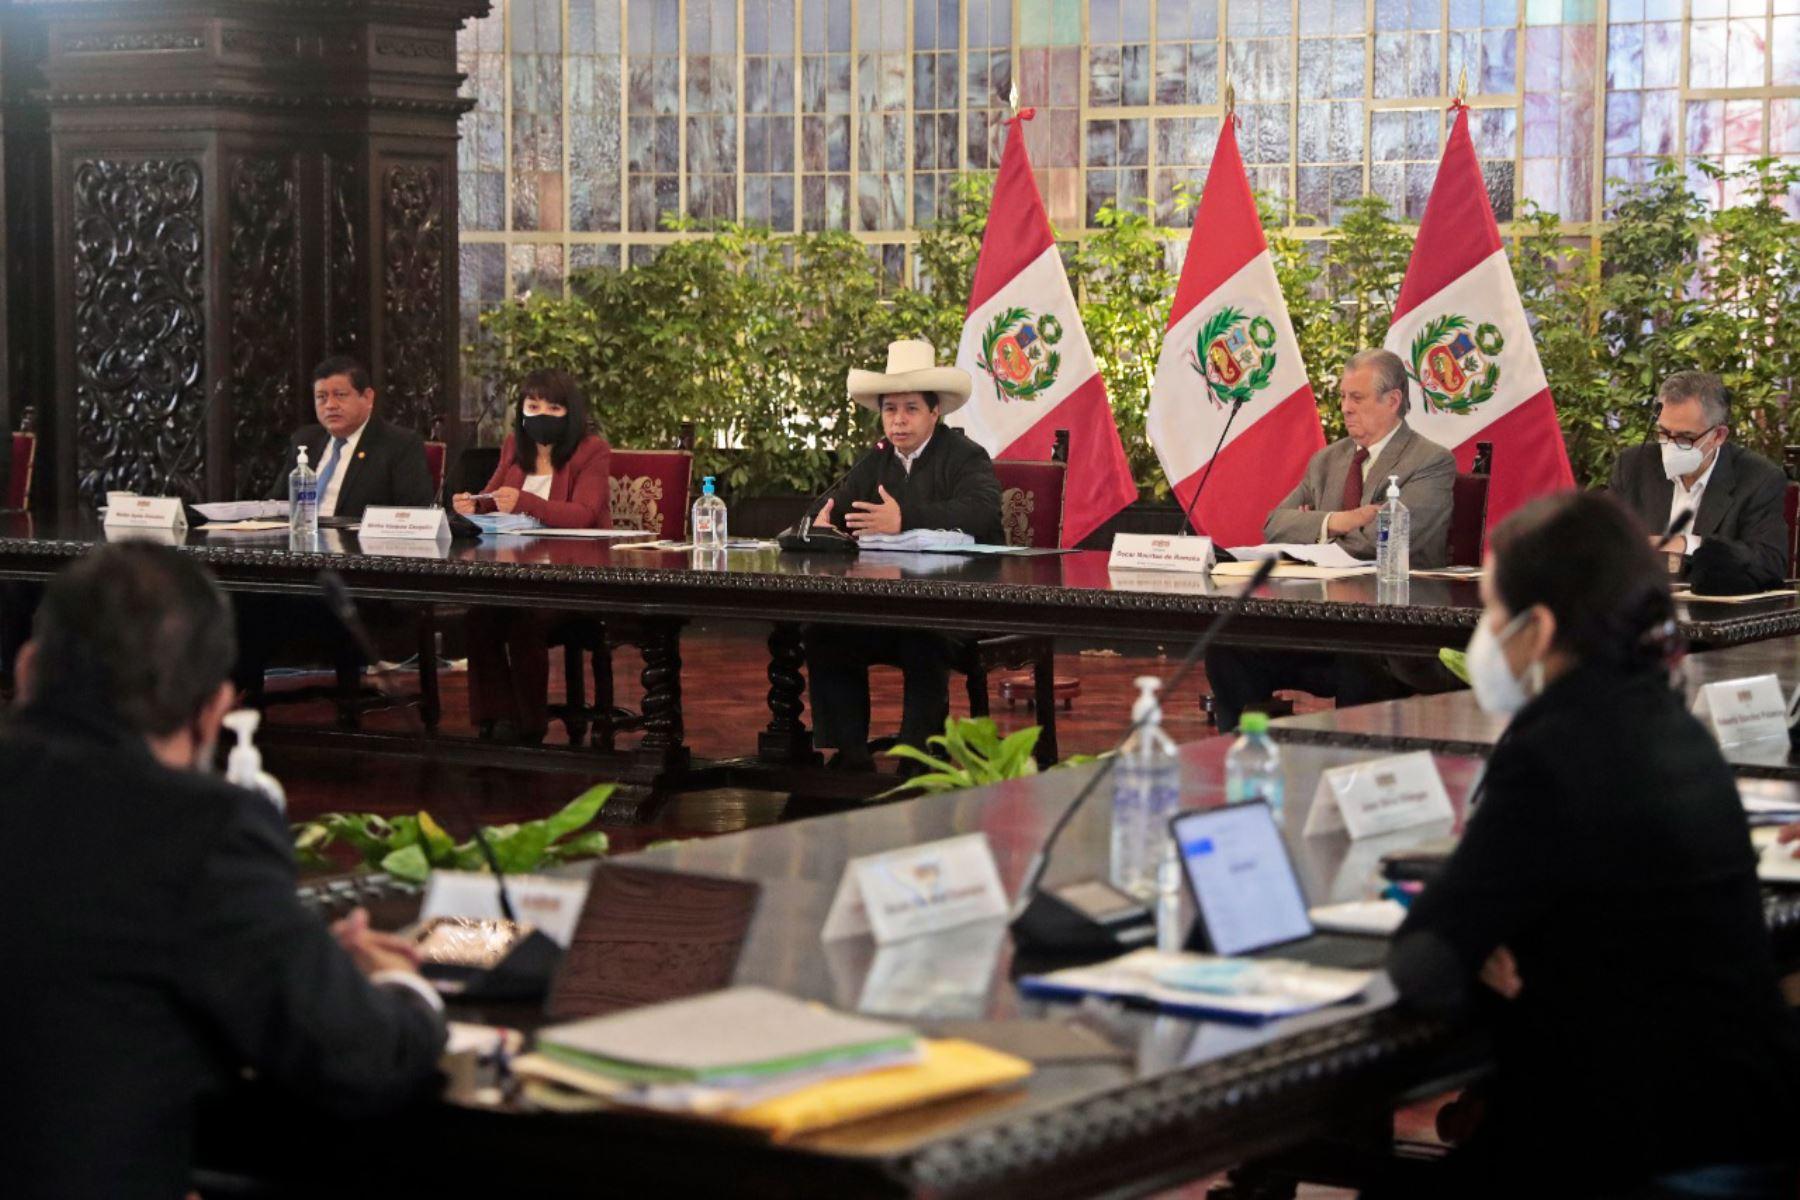 La titular de la PCM, Mirtha Vásquez, participa de la sesión del Consejo de Ministros, dirigida por el presidente de la República, Pedro Castillo, en la que se articulan acciones de todos los sectores para atender las demandas más urgentes de la población. Foto: ANDINA/ PCM